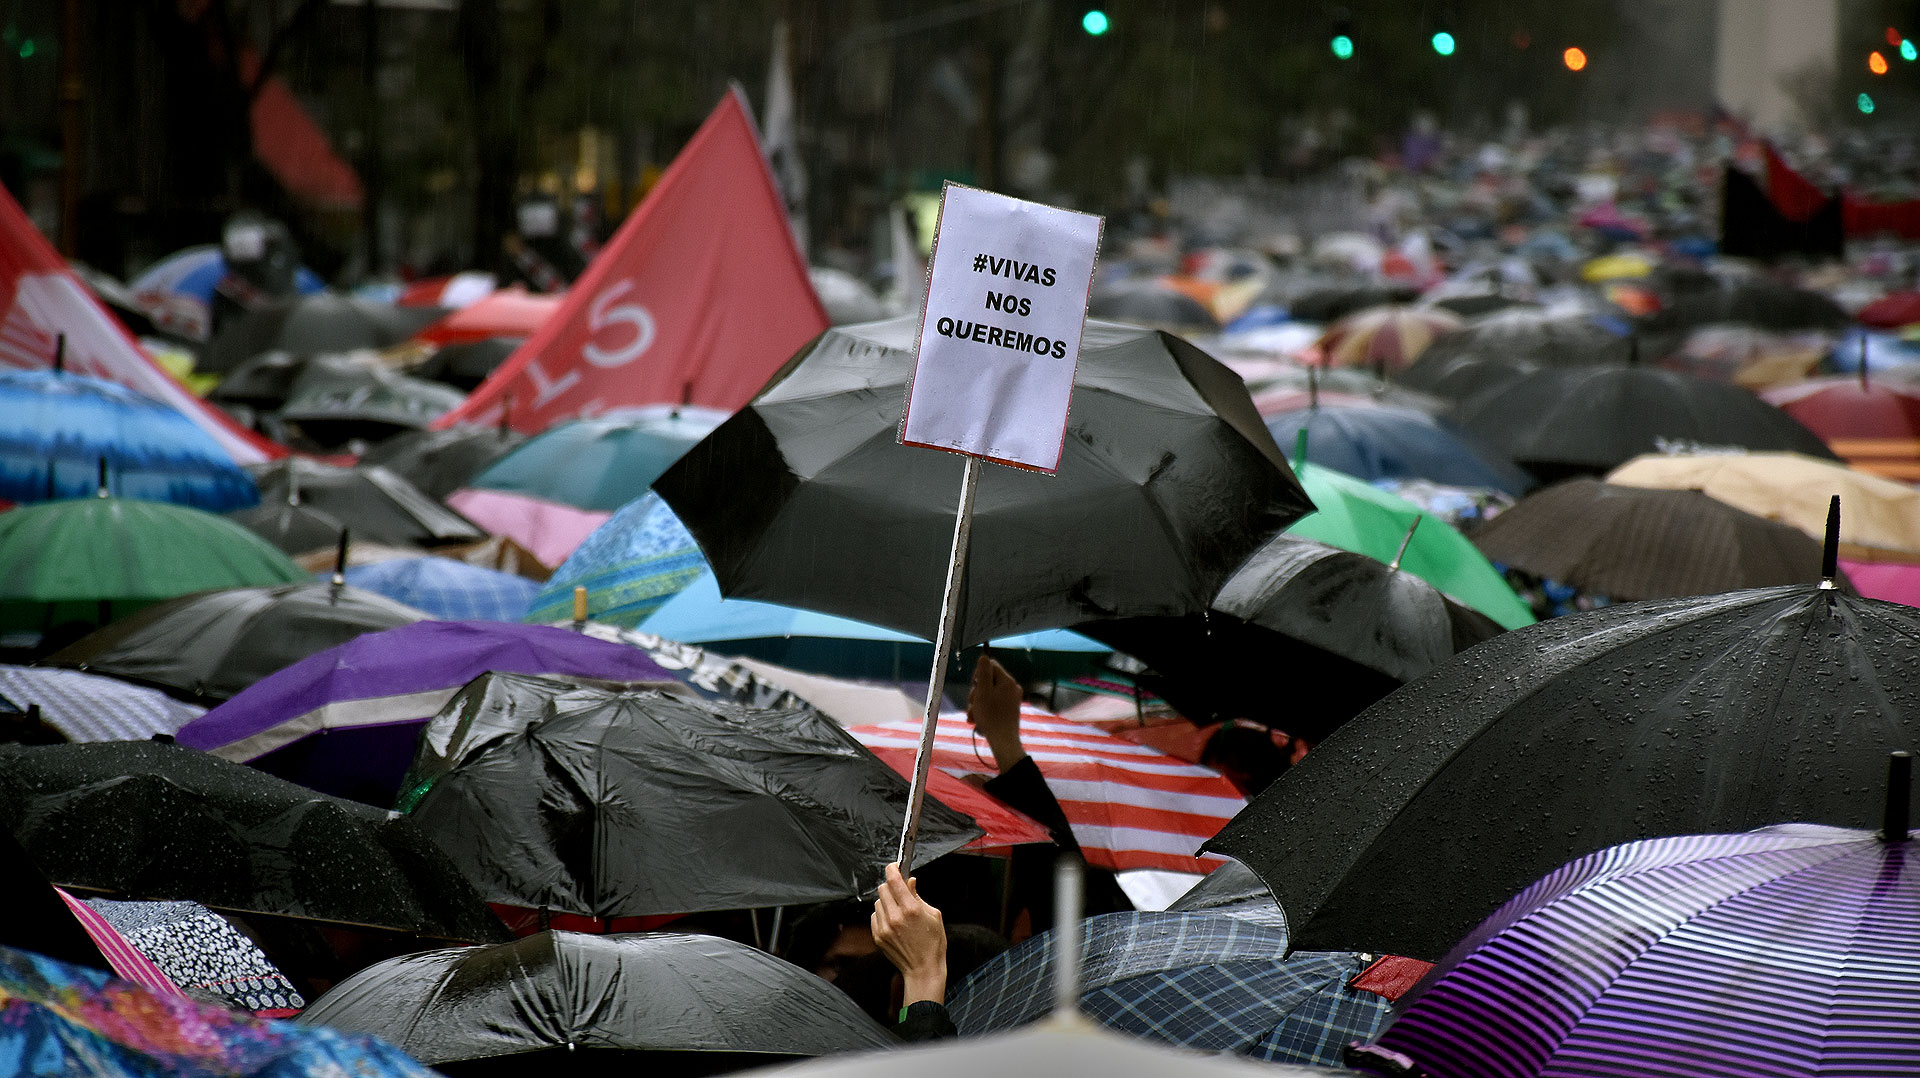 La marcha se expandió por todo el país, destacándose gran convocatoria en Mar del Plata, ciudad donde mataron a Lucía Pérez